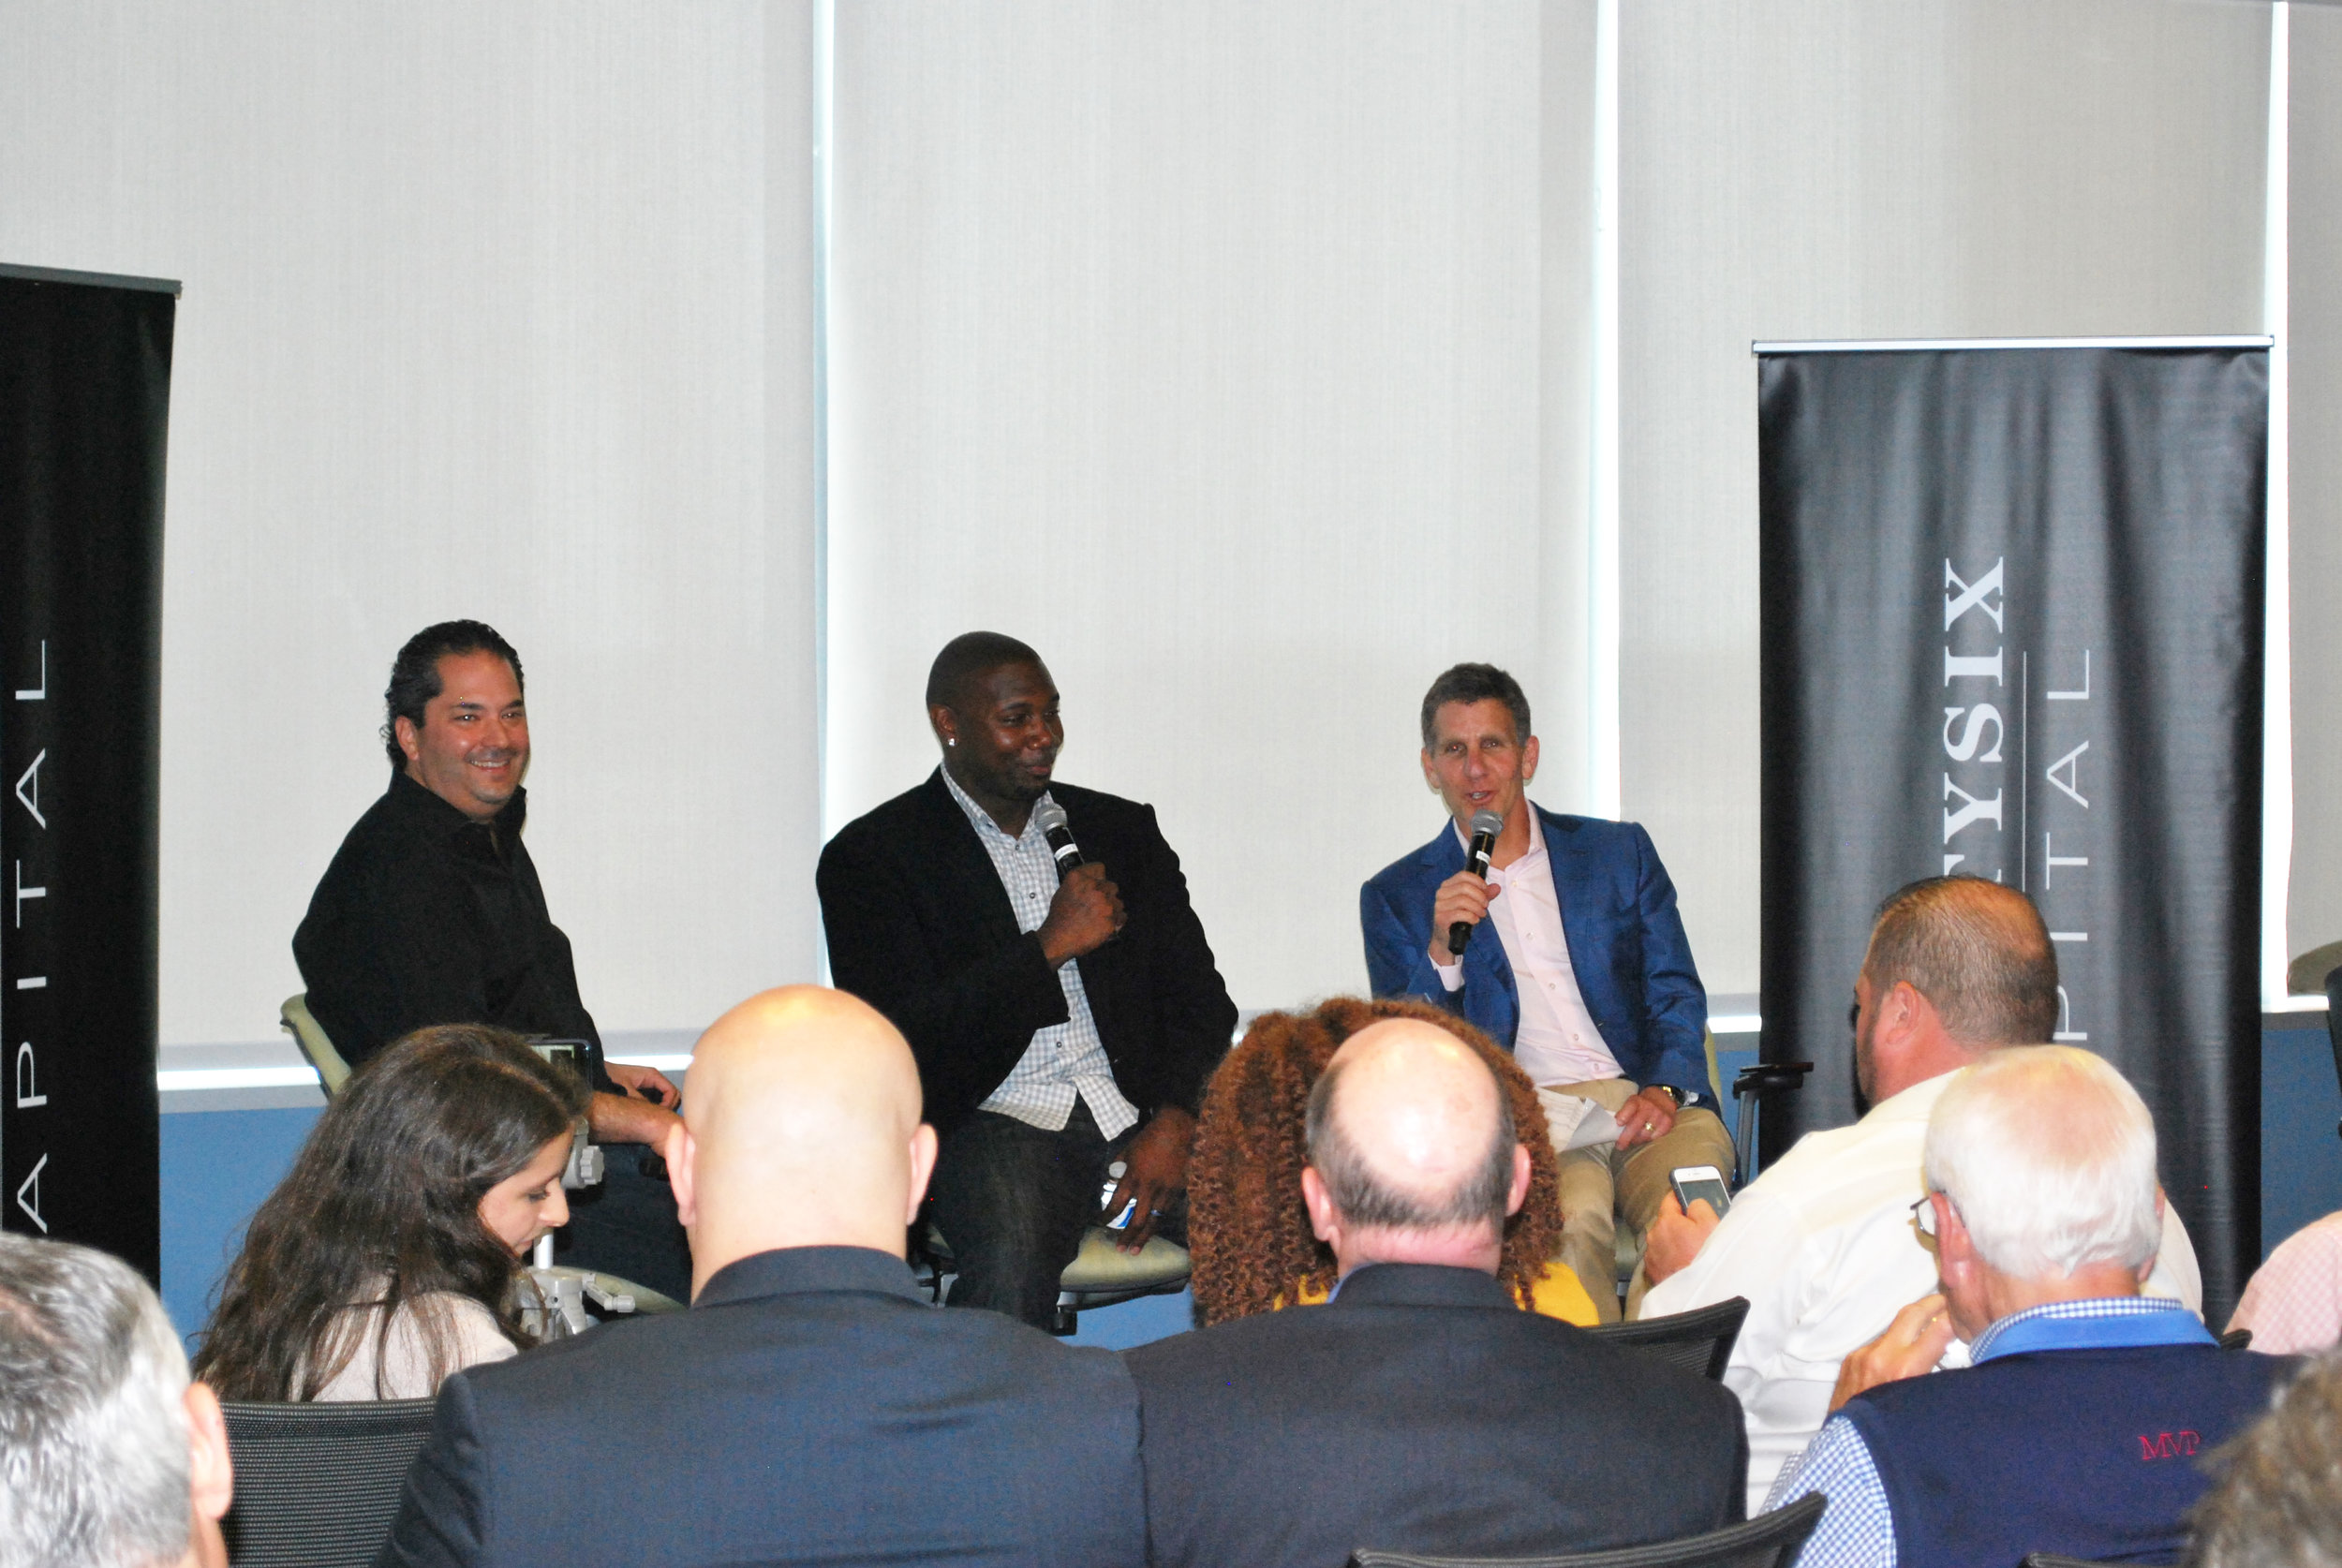 Wayne Kimmel, Ryan Howard, Andrew Brandt, Philadelphia